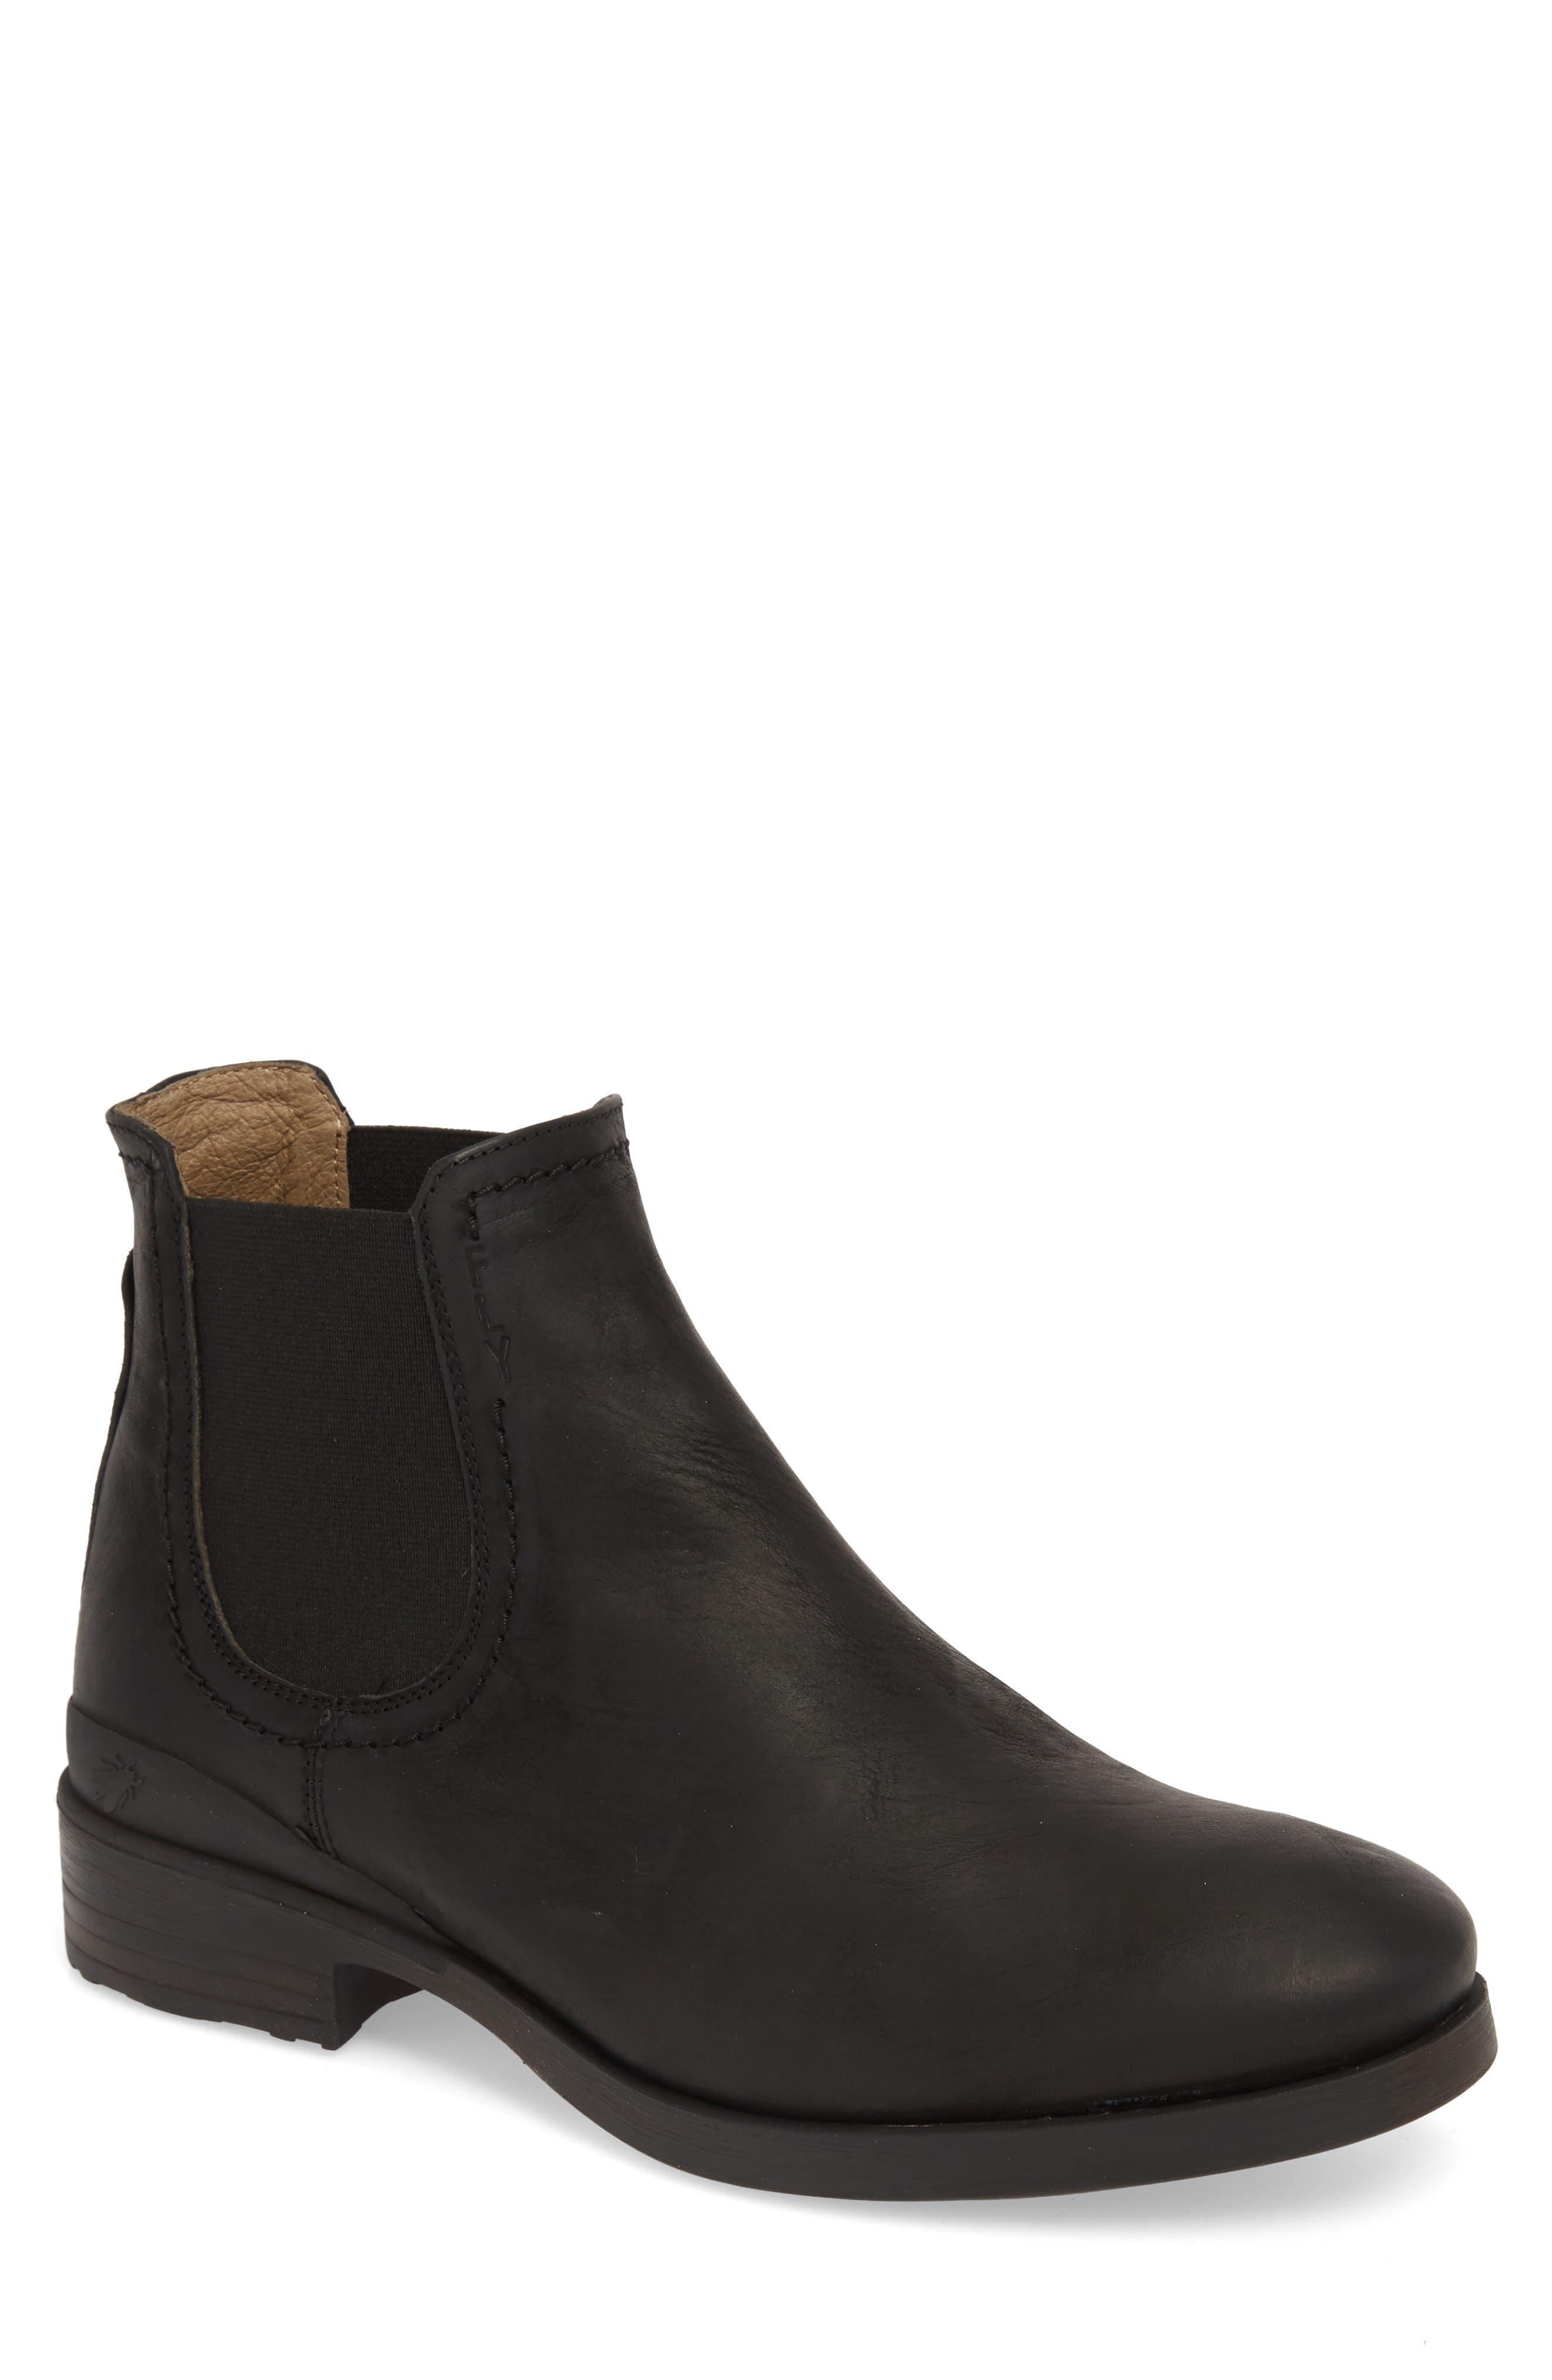 Meko Chelsea Boot,                             Main thumbnail 1, color,                             BLACK BANDOLERO